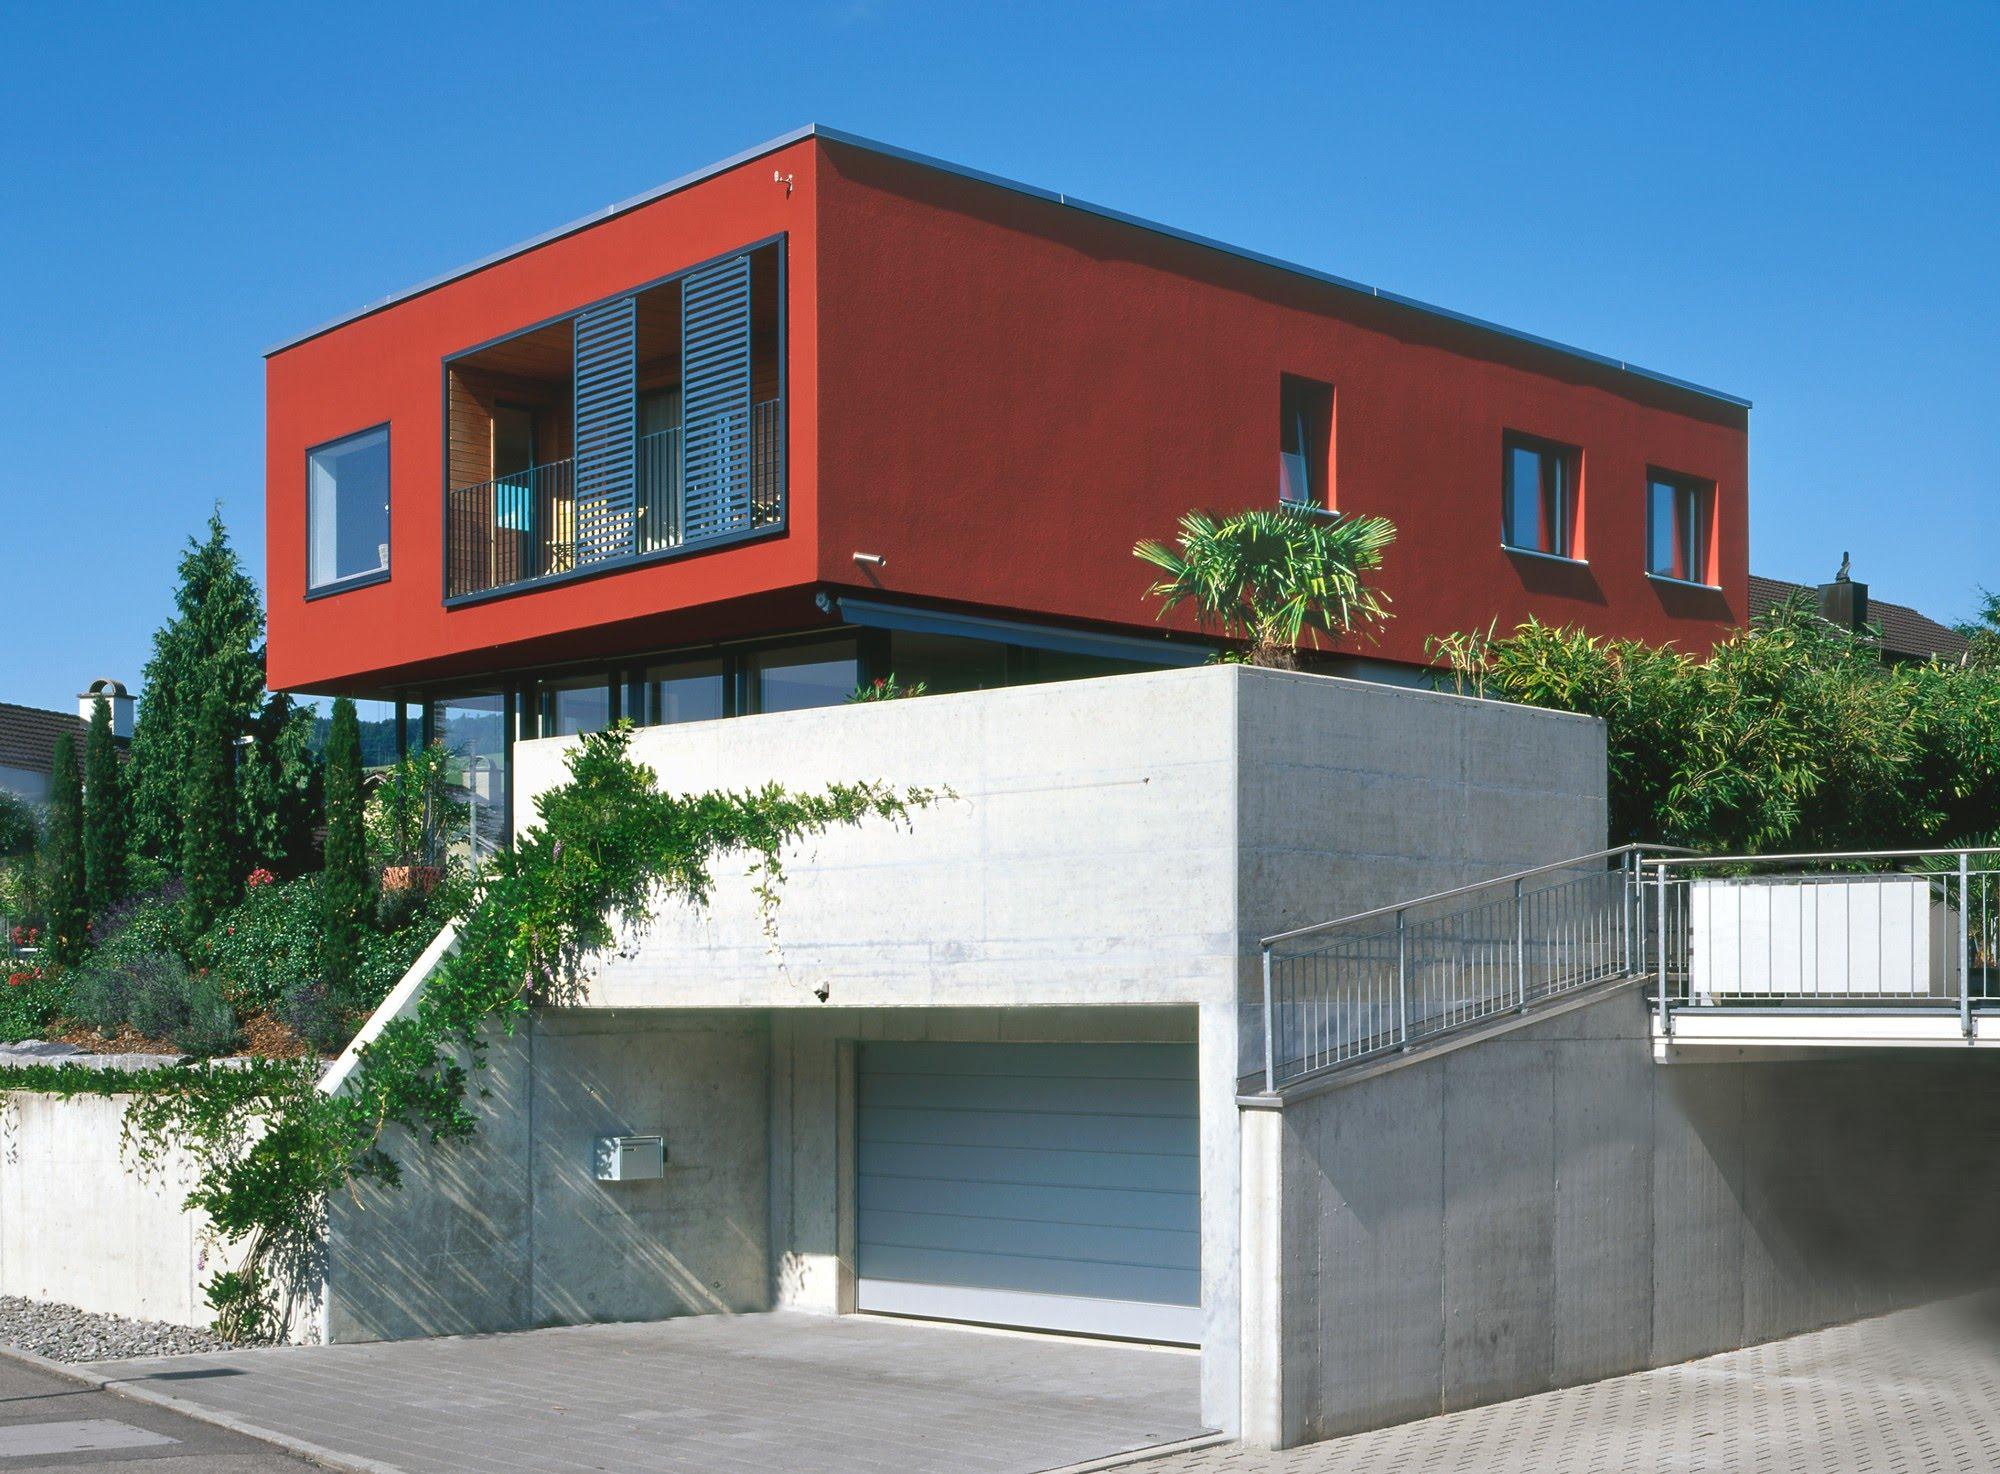 Wohnen EFH EFH im Hubel Architektur,Wohnungsbau,Wohnhäuser,Einfamilienhäuser,Mehrfamilienhäuser